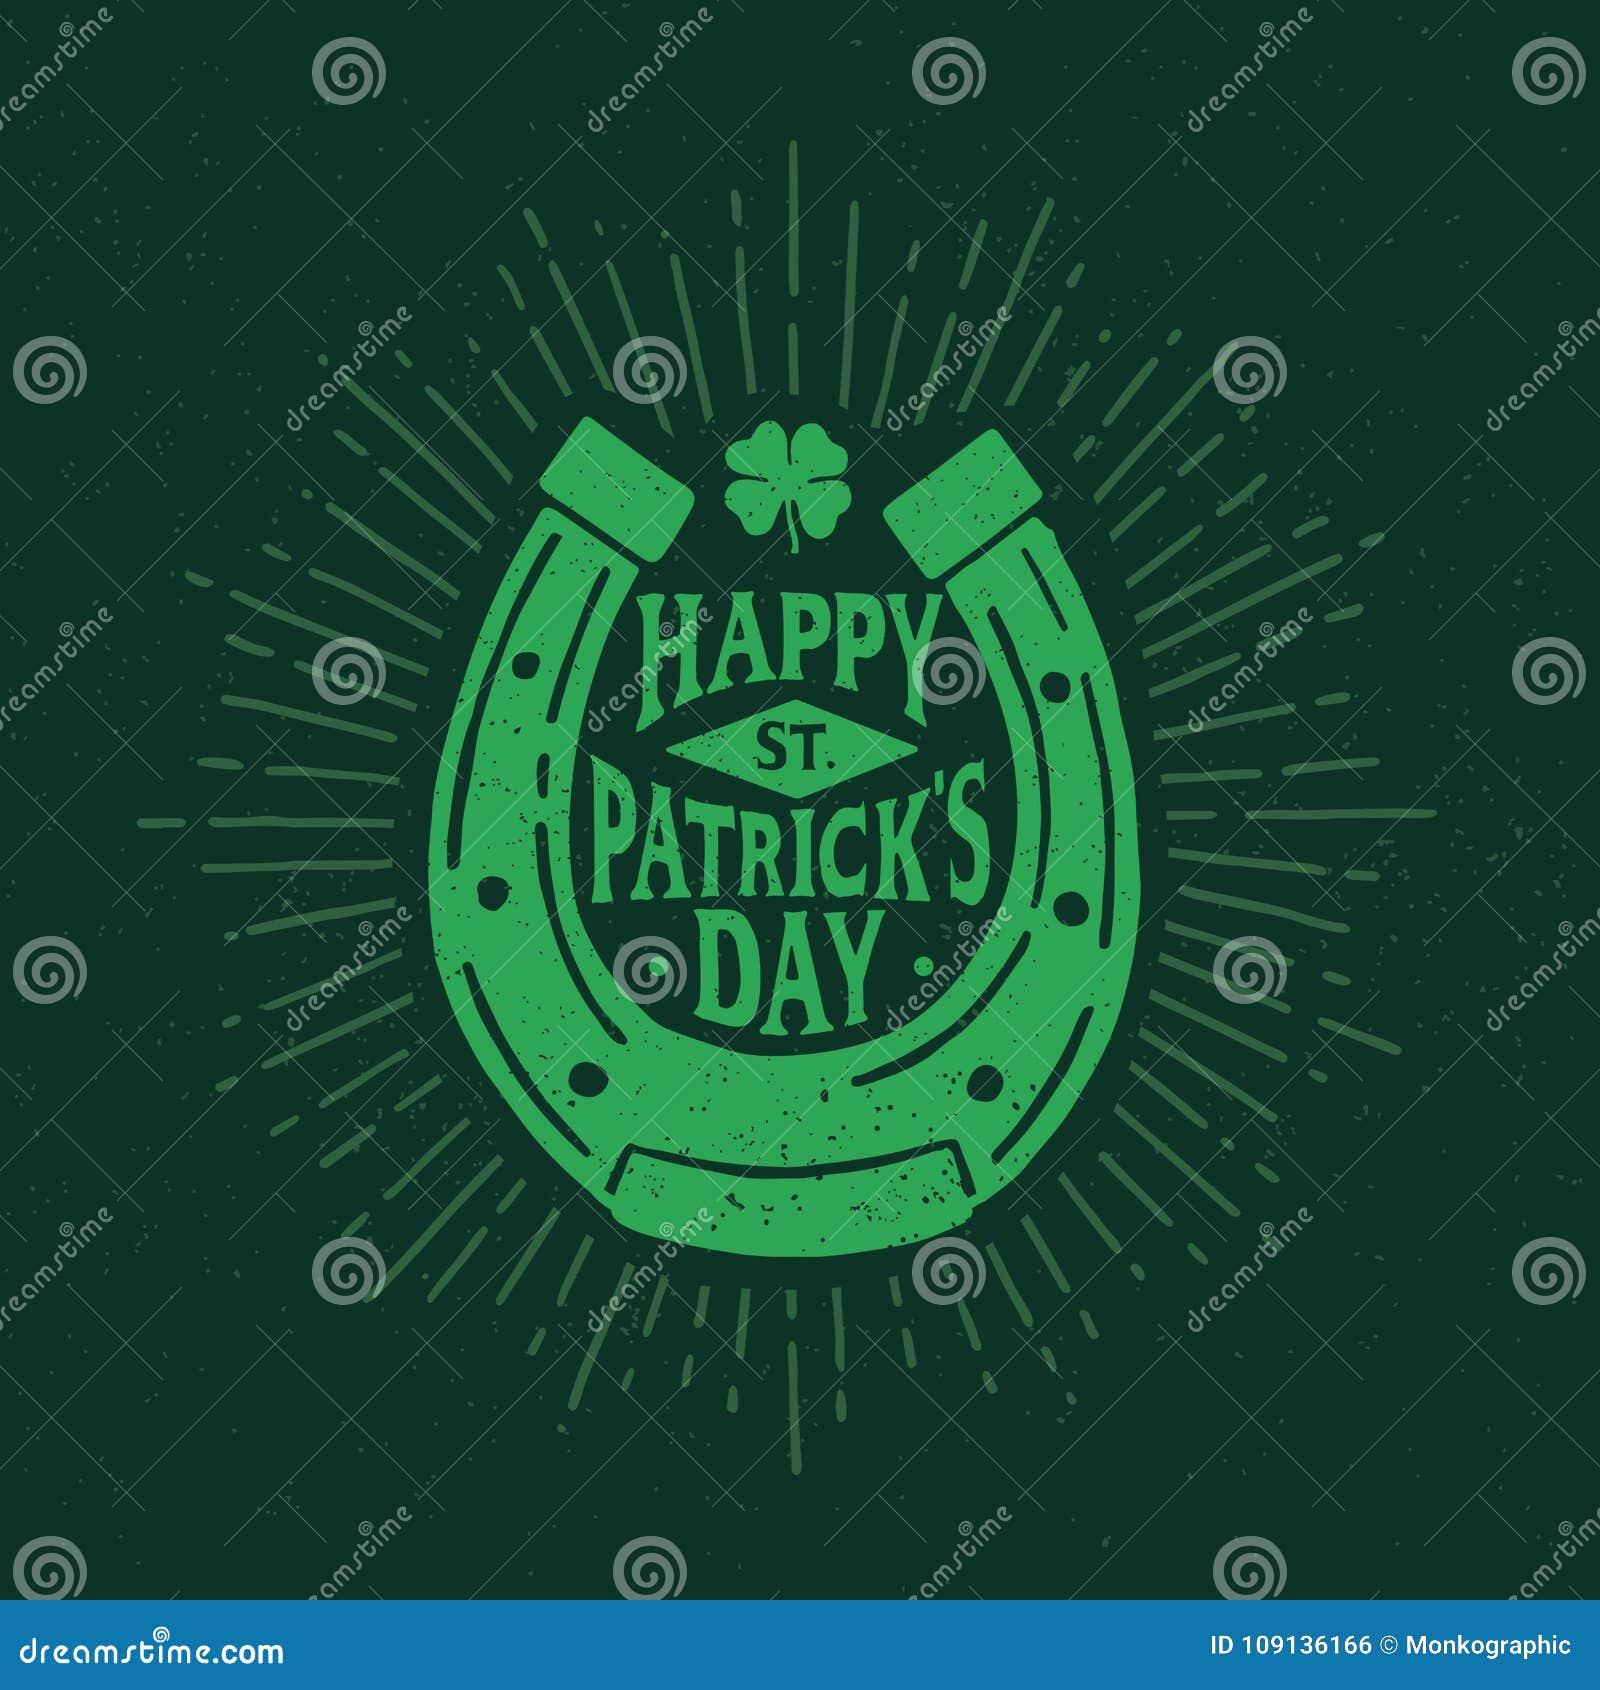 St. Patrick`s Day. Retro style emblem of horseshoe. Typography.